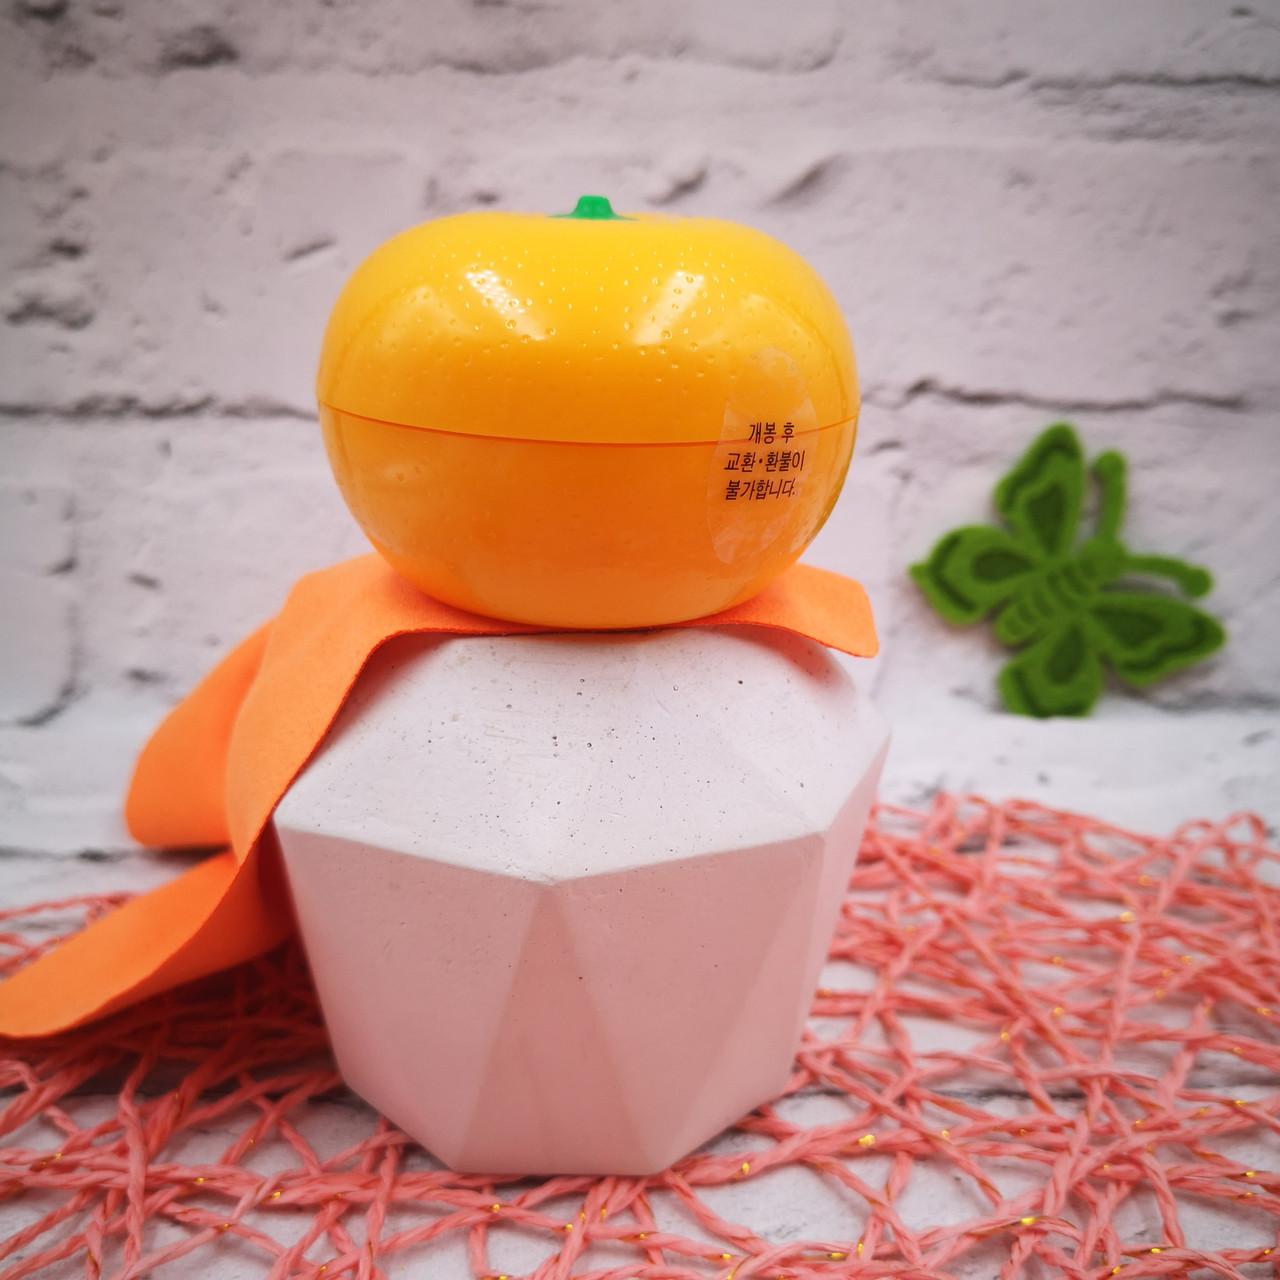 Tony Moly Увлажняющий и осветляющий крем для рук с лимоном Tangerine Whitening Hand Cream